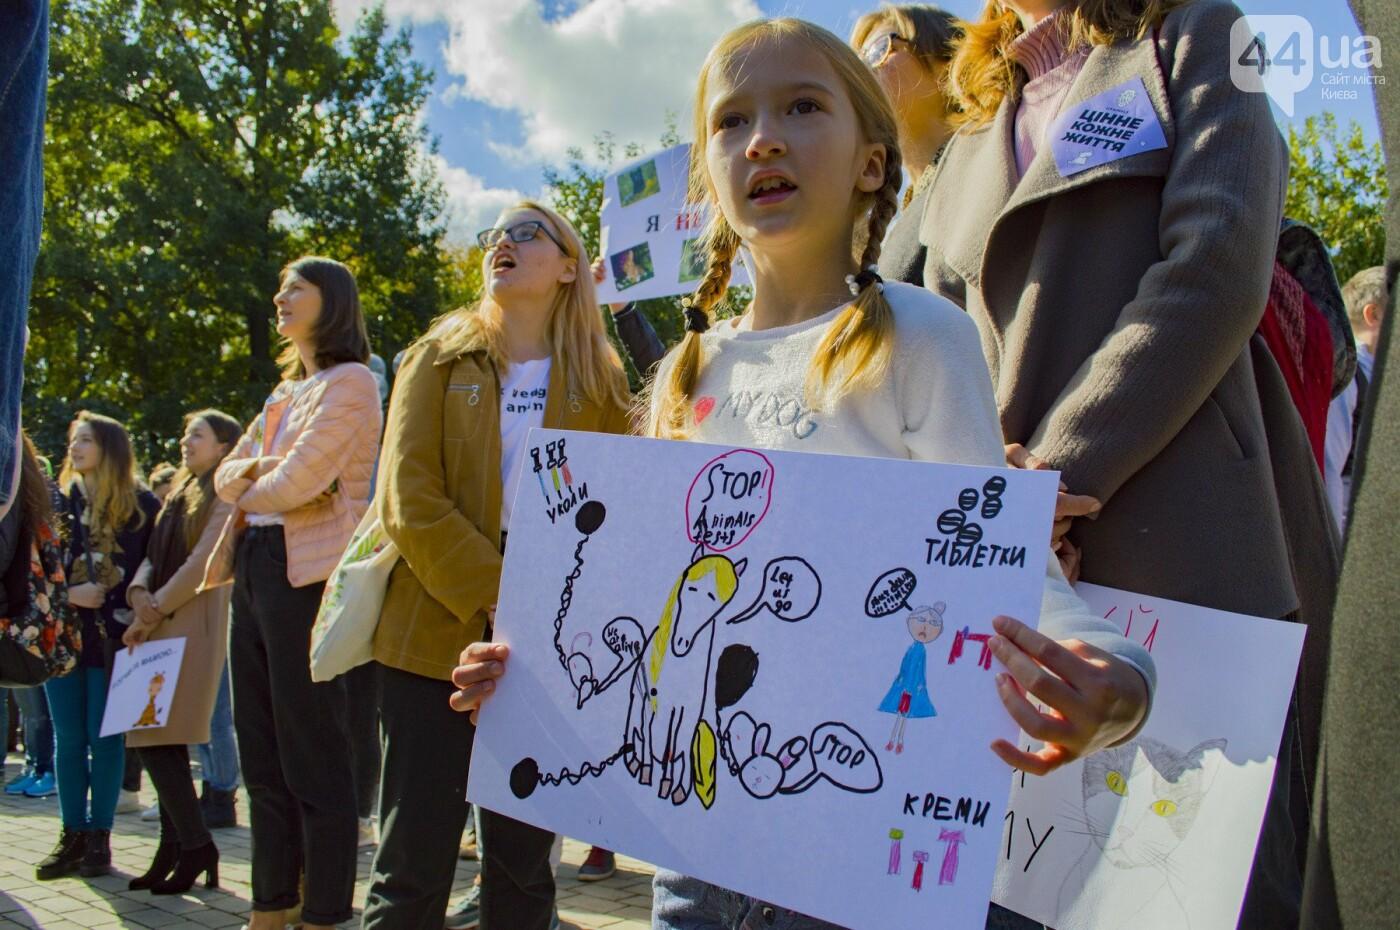 Собаки, коты и хомячки: в Киеве прошла акция за права животных, - ФОТОРЕПОРТАЖ, фото-27